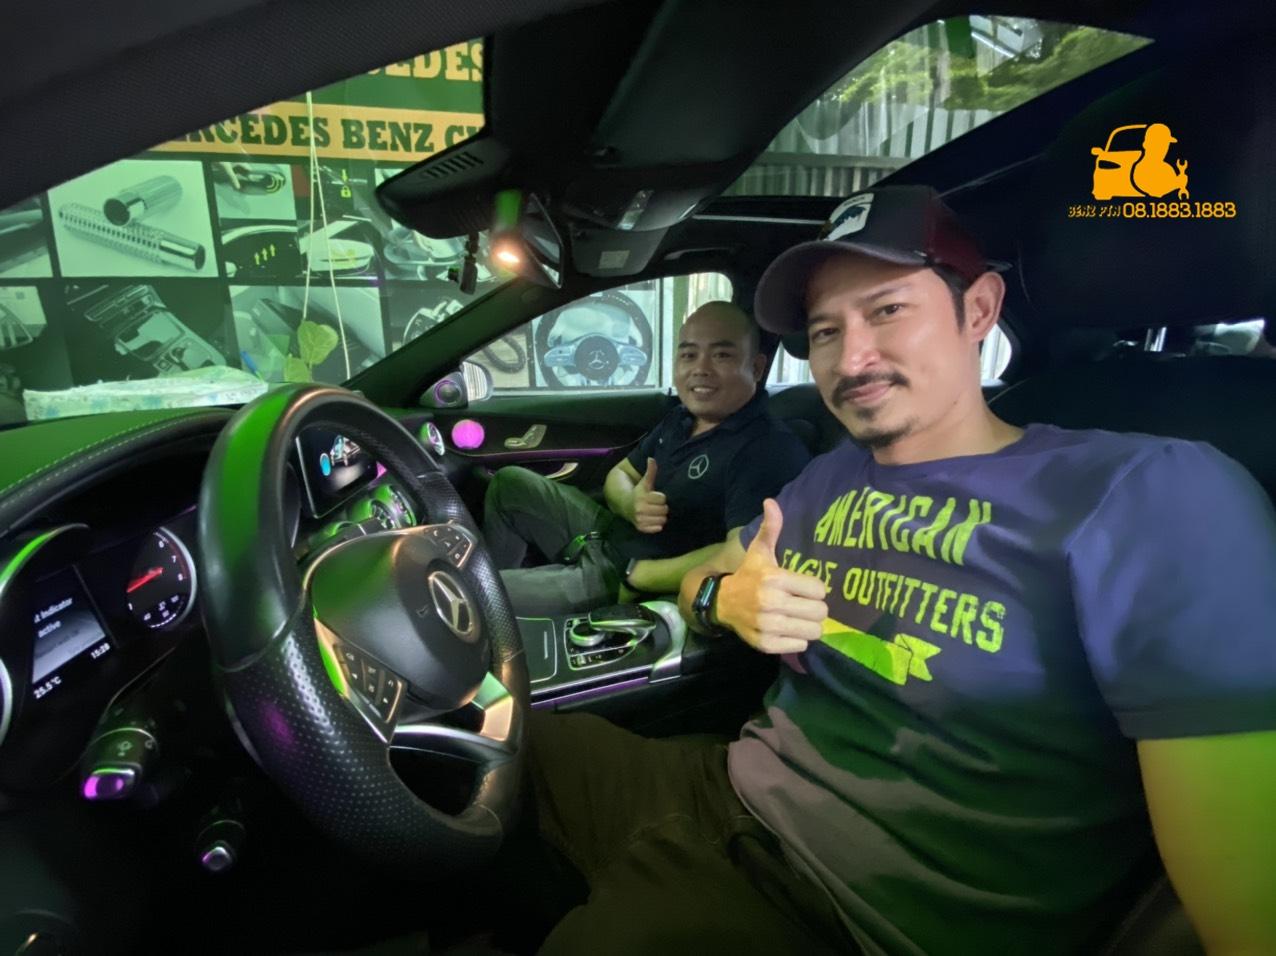 Phụ Kiện Xe Sang Mercedes Benz – Độ xe Oto chuyên nghiệp, giá rẻ tại TPHCM